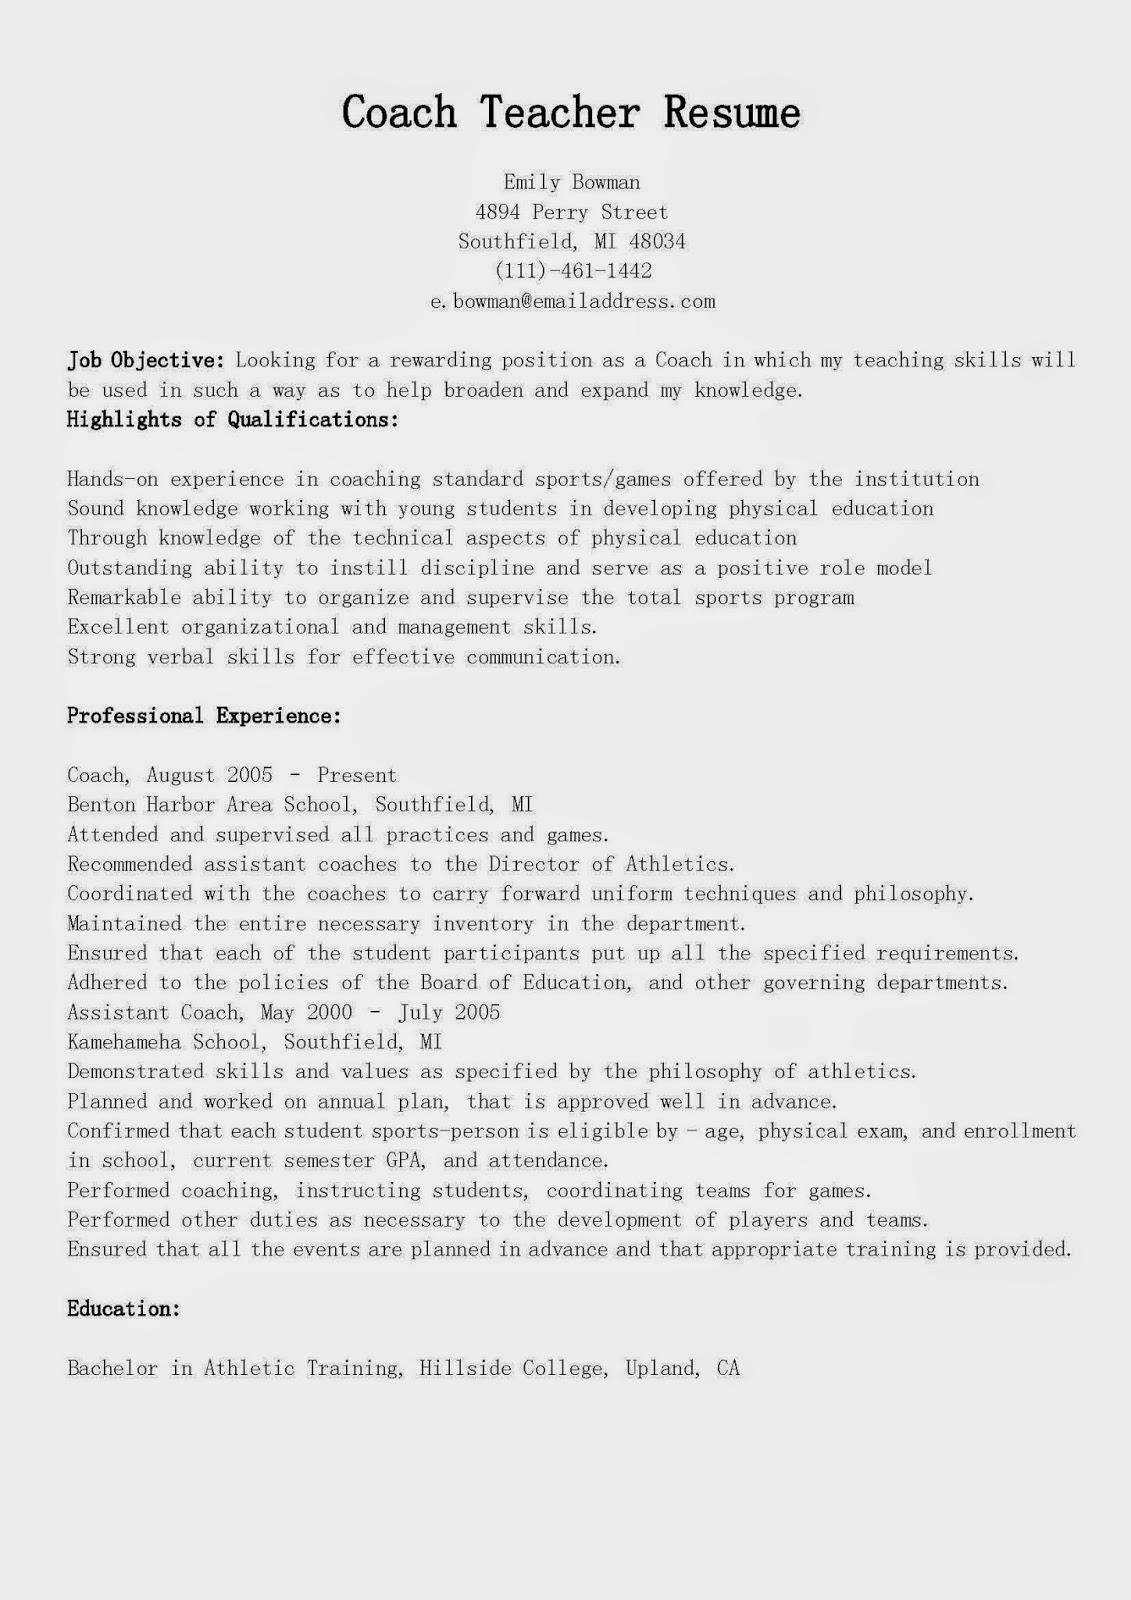 resume samples coach teacher resume sample